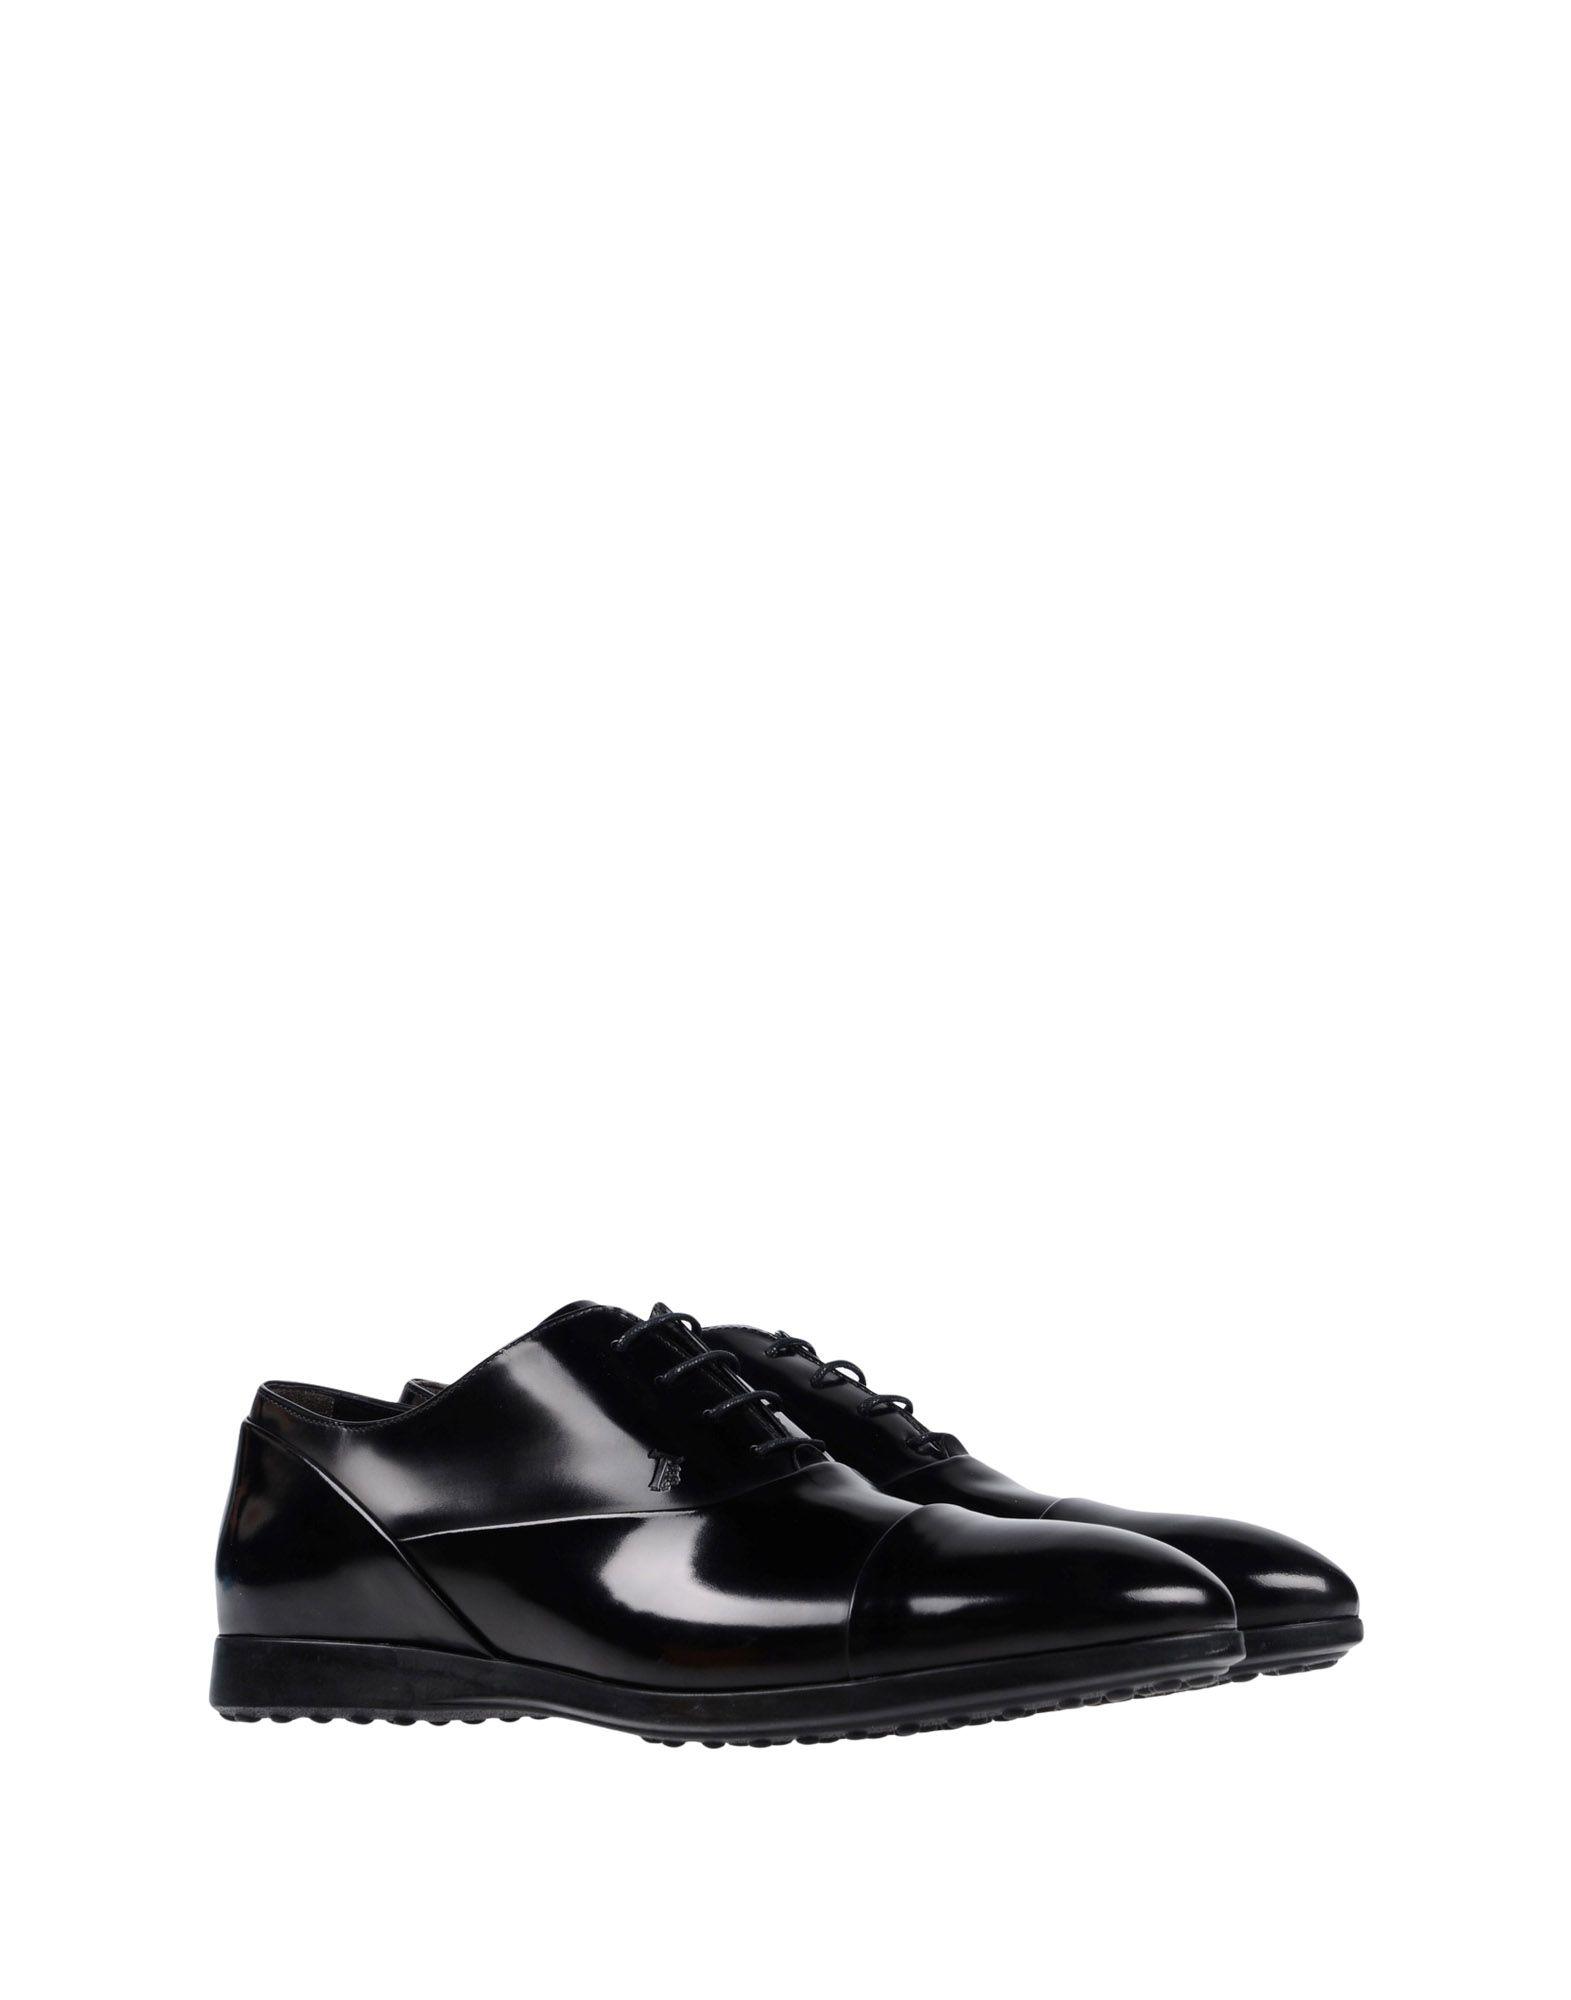 Tod's Schnürschuhe Herren  11427092RL Gute Qualität beliebte Schuhe